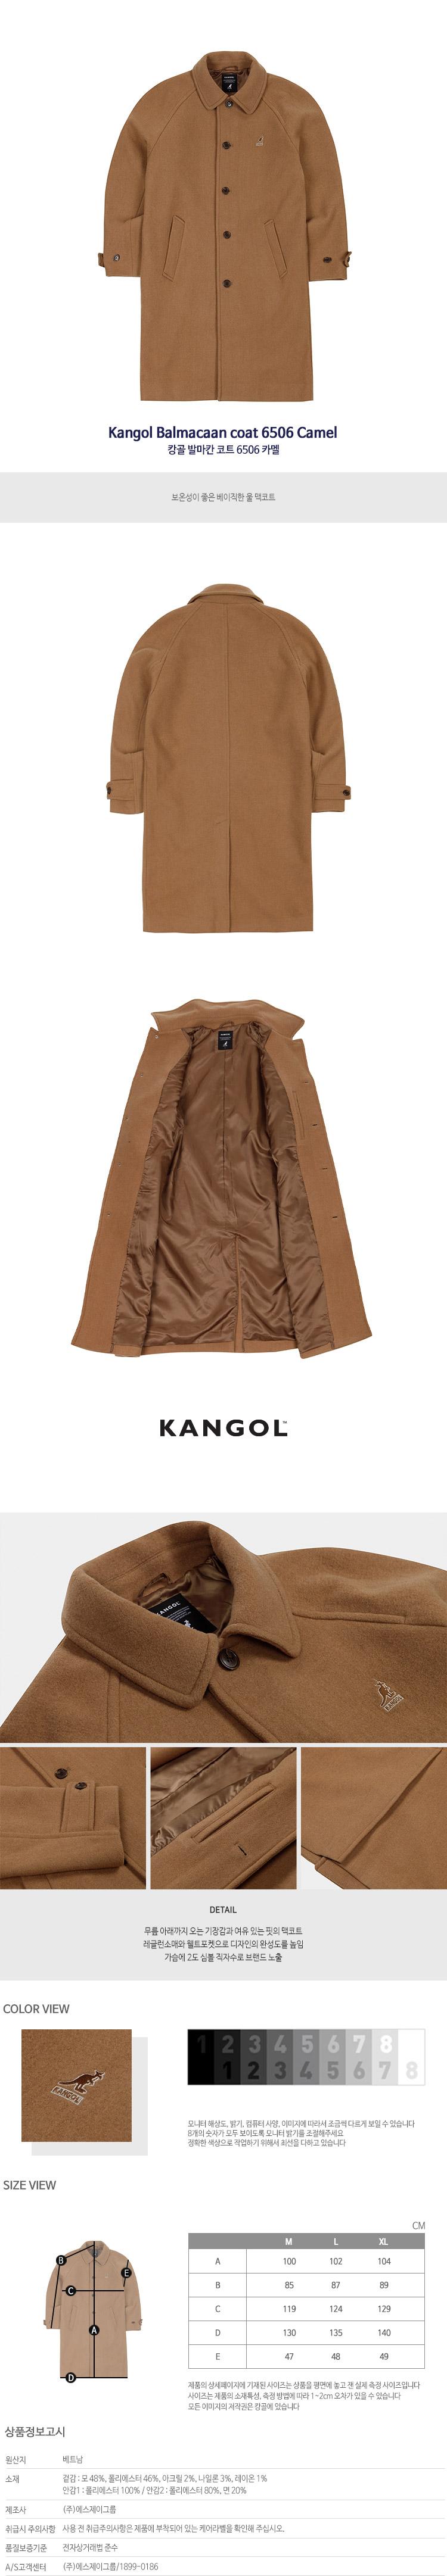 캉골 발마칸 코트 6506 카멜